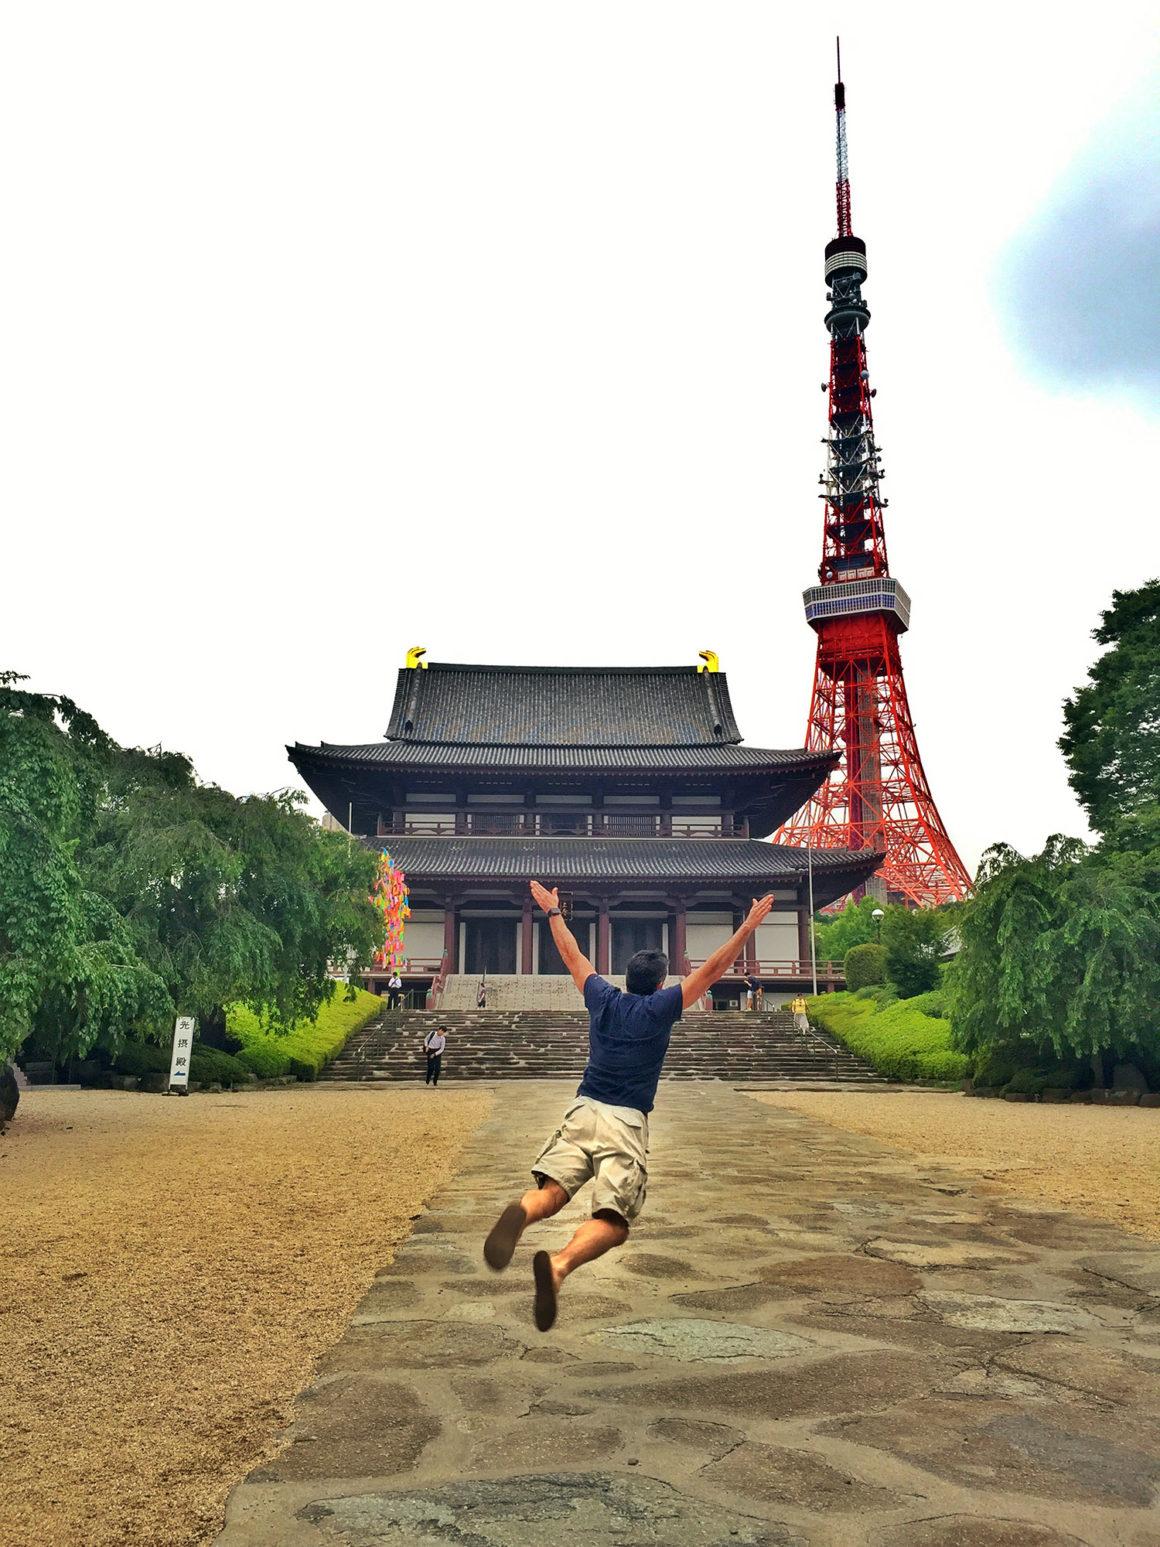 razones para visitar tokio tokyo japon razones para visitar tokio - viajar a tokio que ver en tokyo 13 1160x1547 - 10 razones para visitar Tokio